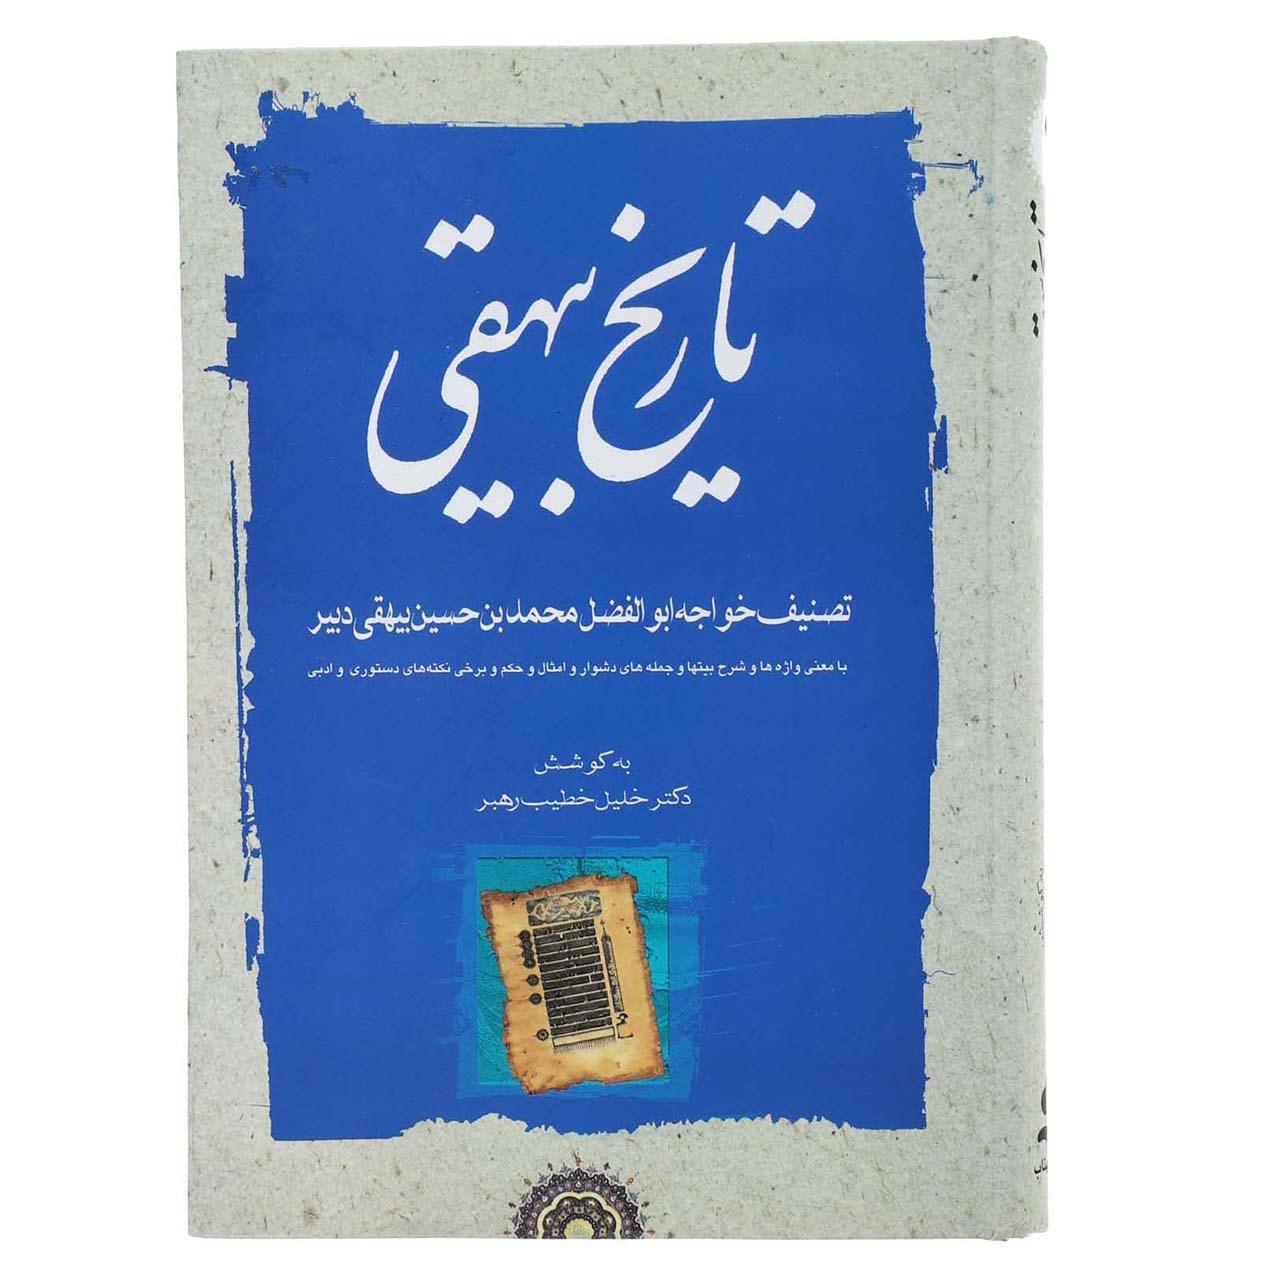 خرید                      کتاب تاریخ بیهقی اثر محمد بن حسین بیهقی - سه جلدی